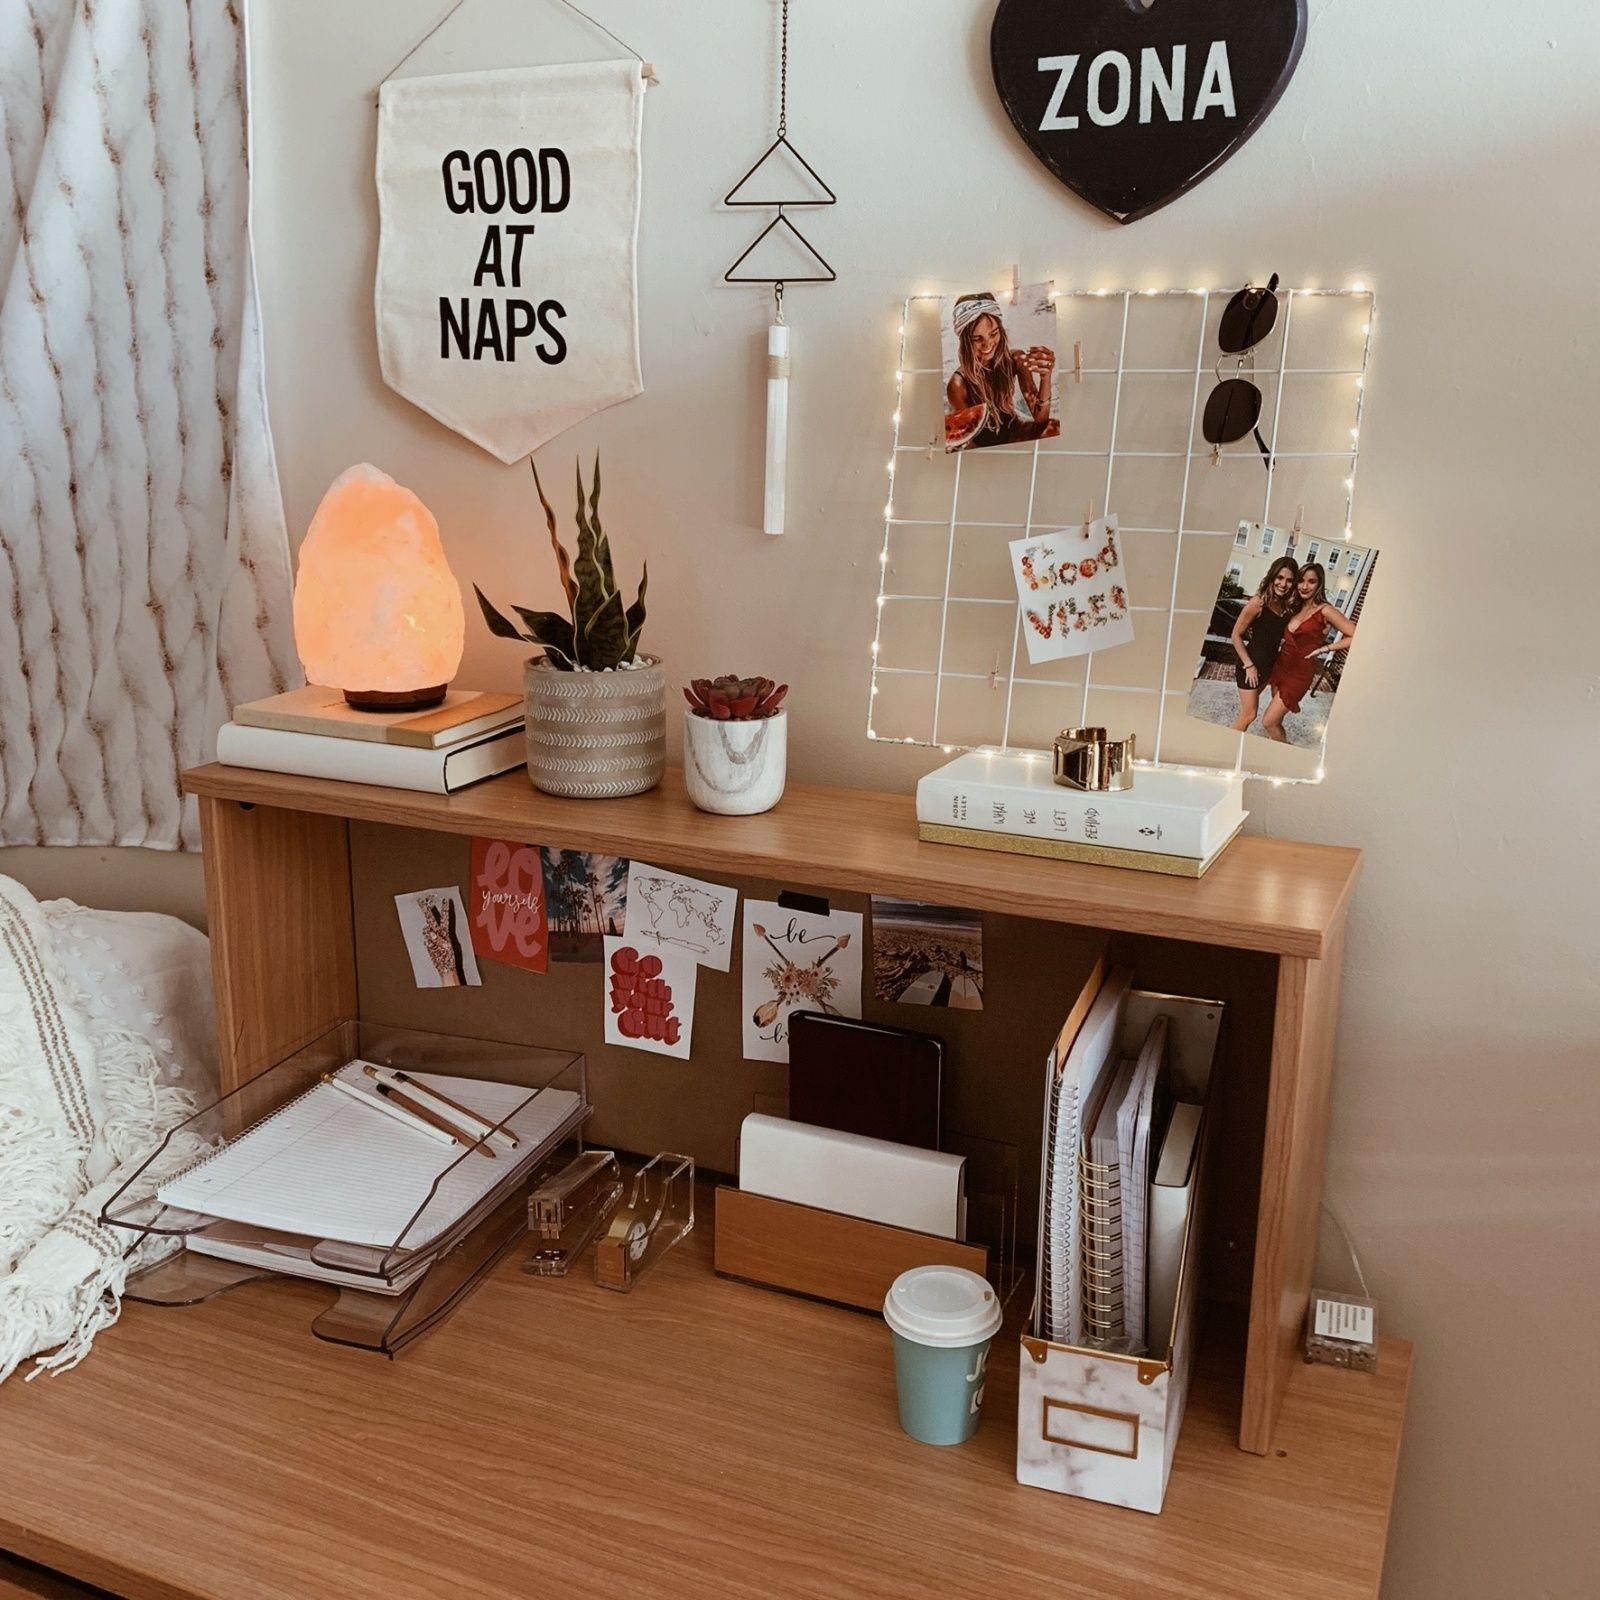 Dorm Room Inspiration, Retro Room, Room